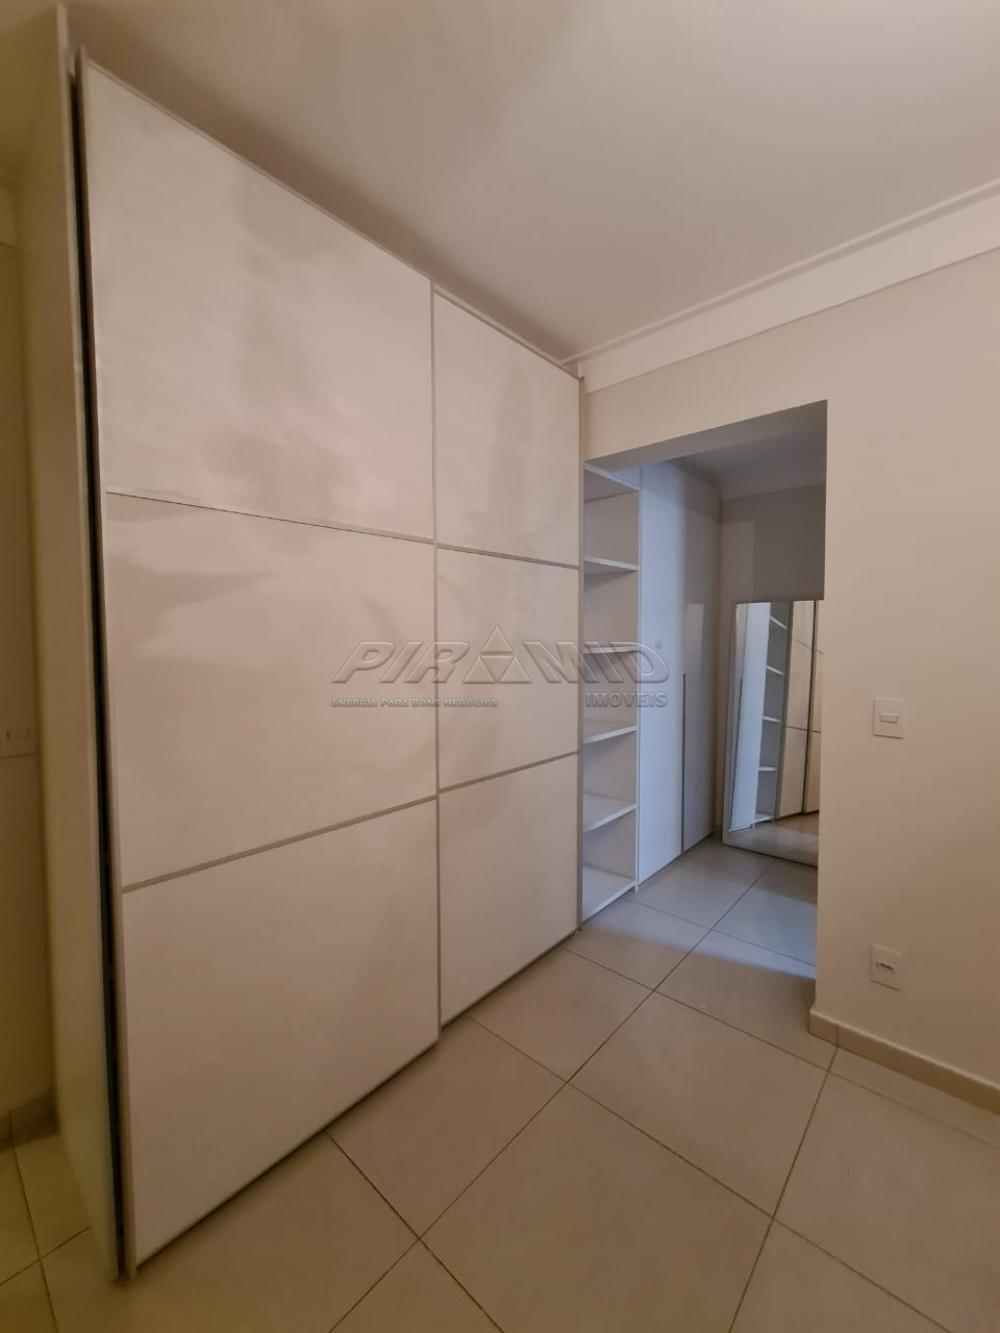 Alugar Apartamento / Padrão em Ribeirão Preto R$ 8.000,00 - Foto 27